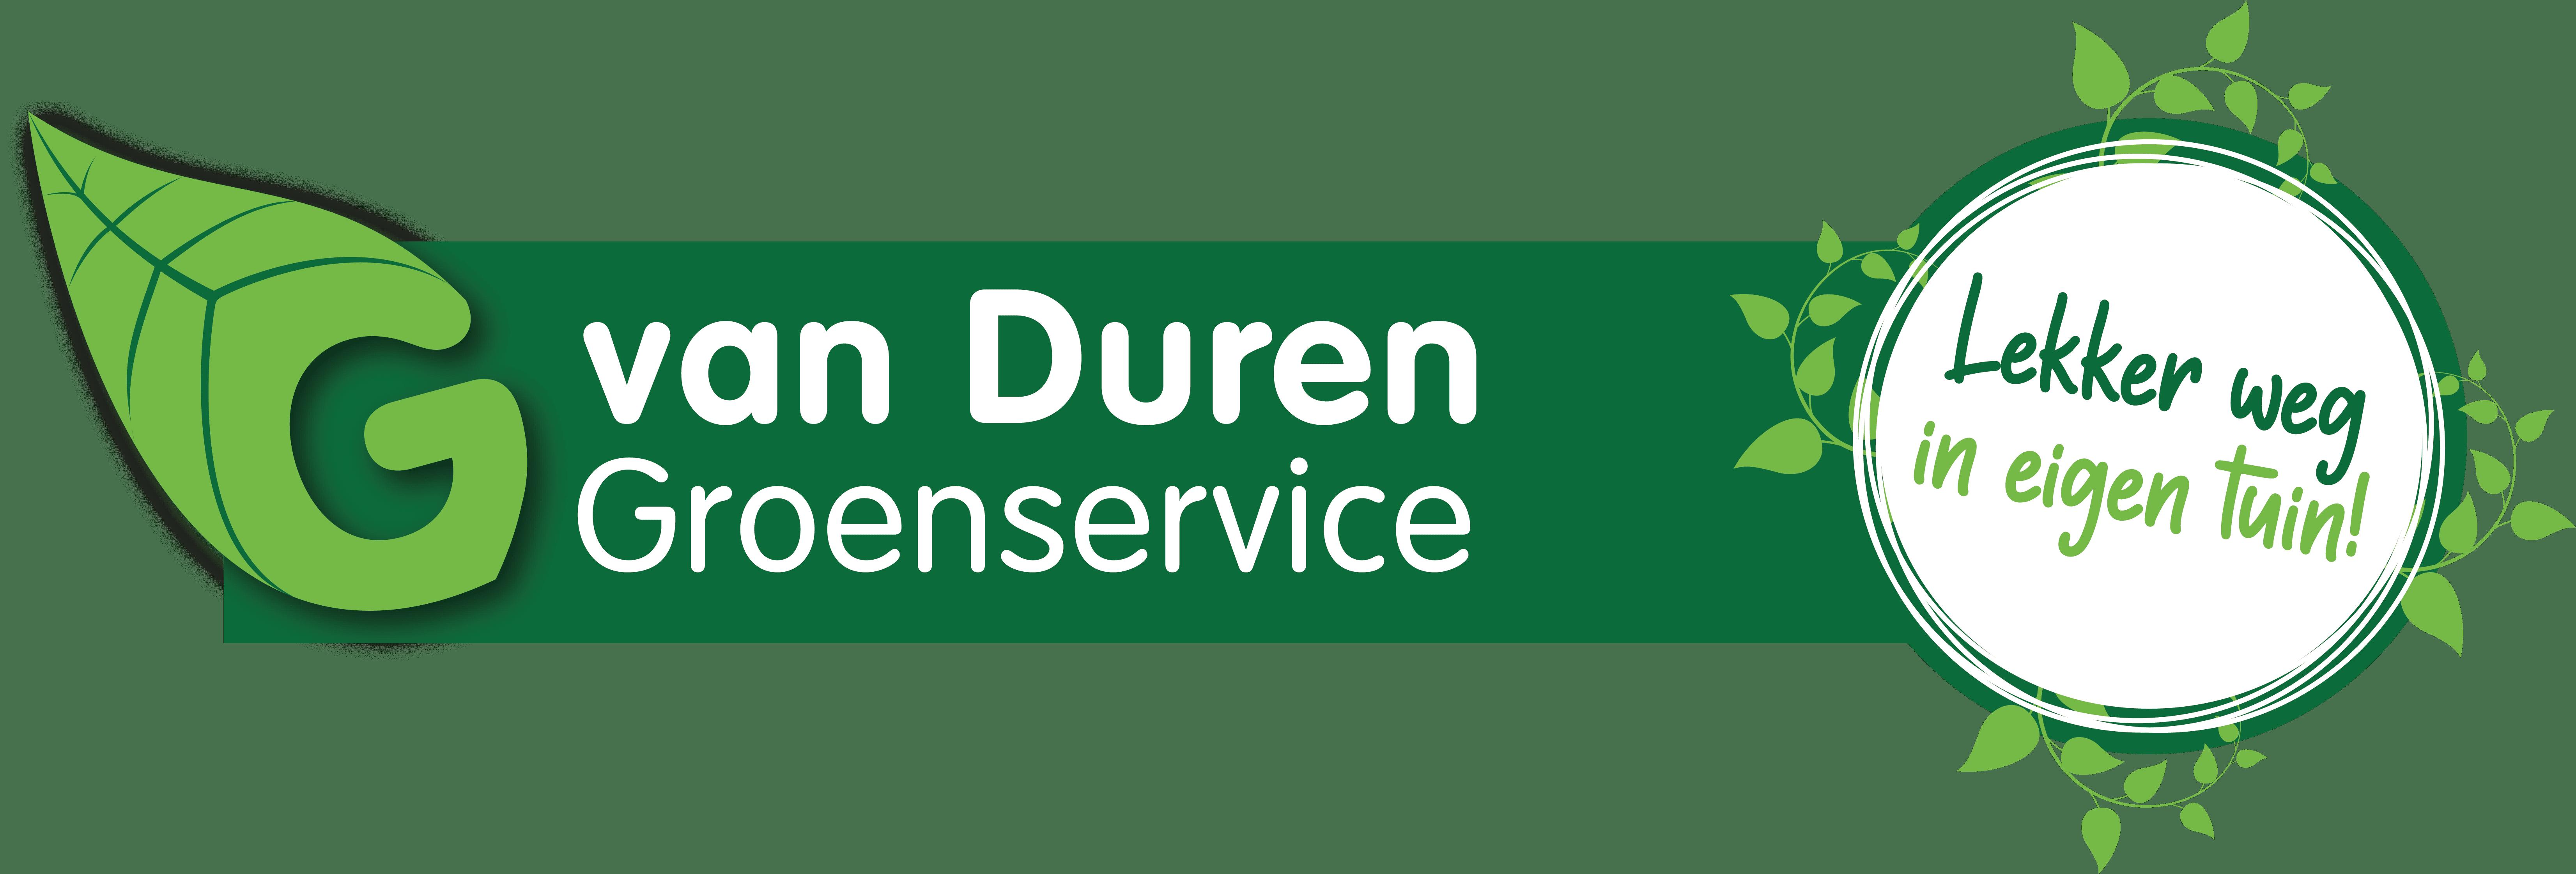 Van Duren Groenservice